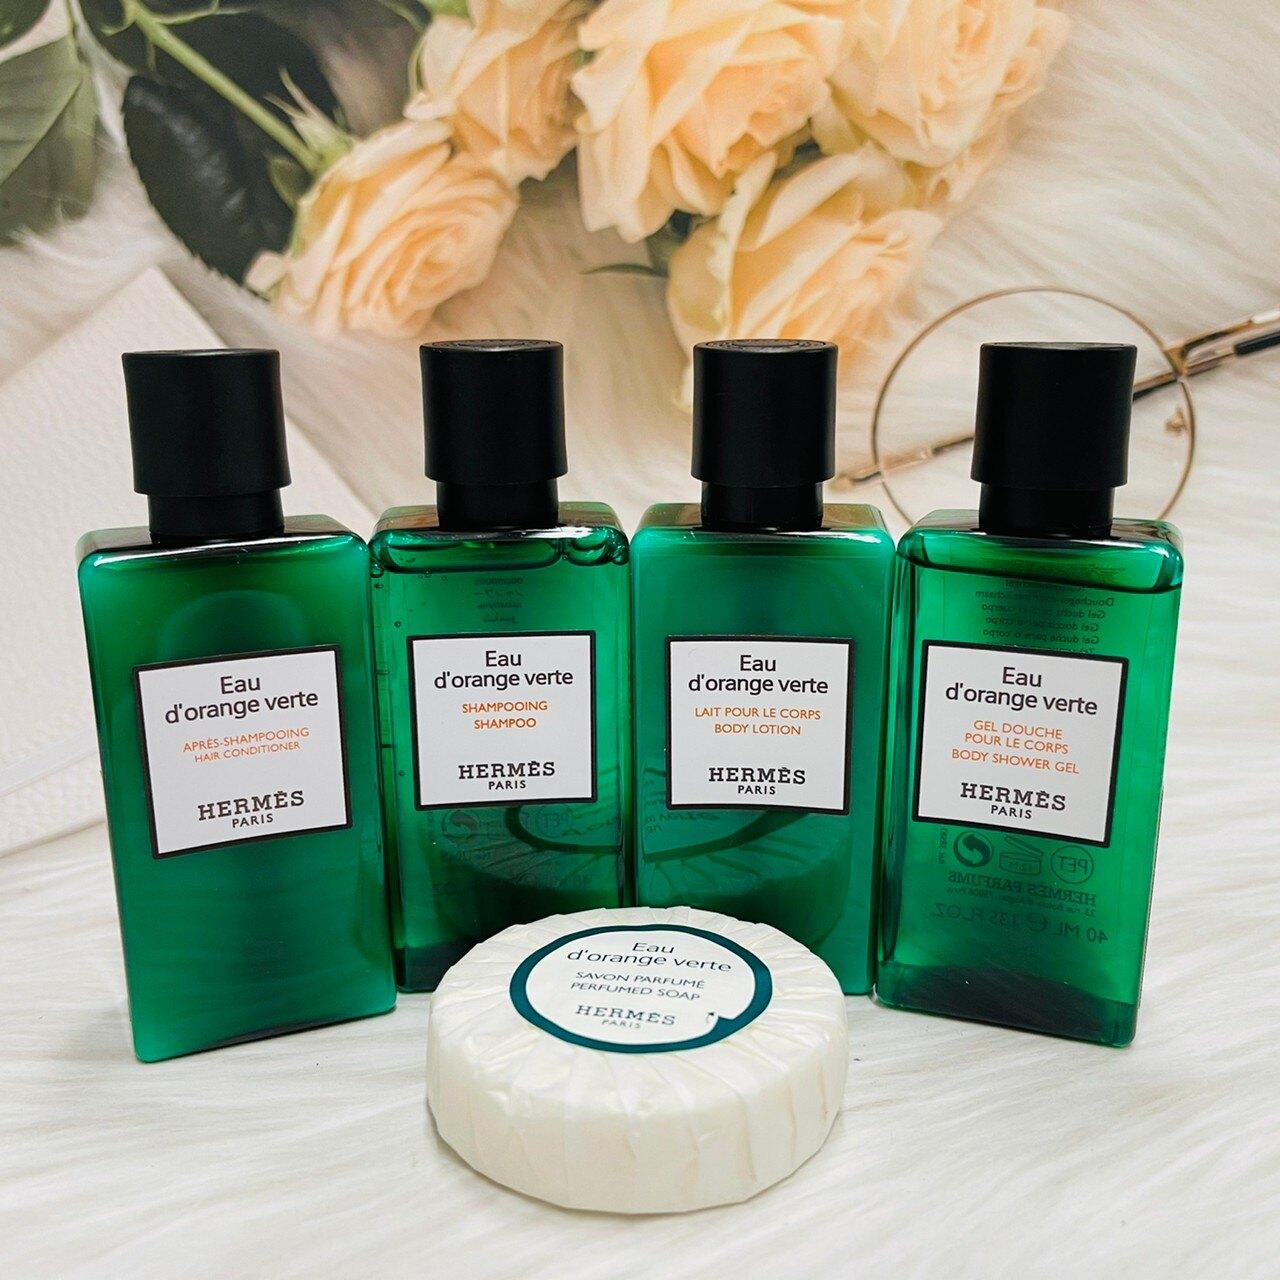 HERMES 愛馬仕 橘綠之泉 旅行組 五件組 40ml + 肥皂 26g D'Orange Verte